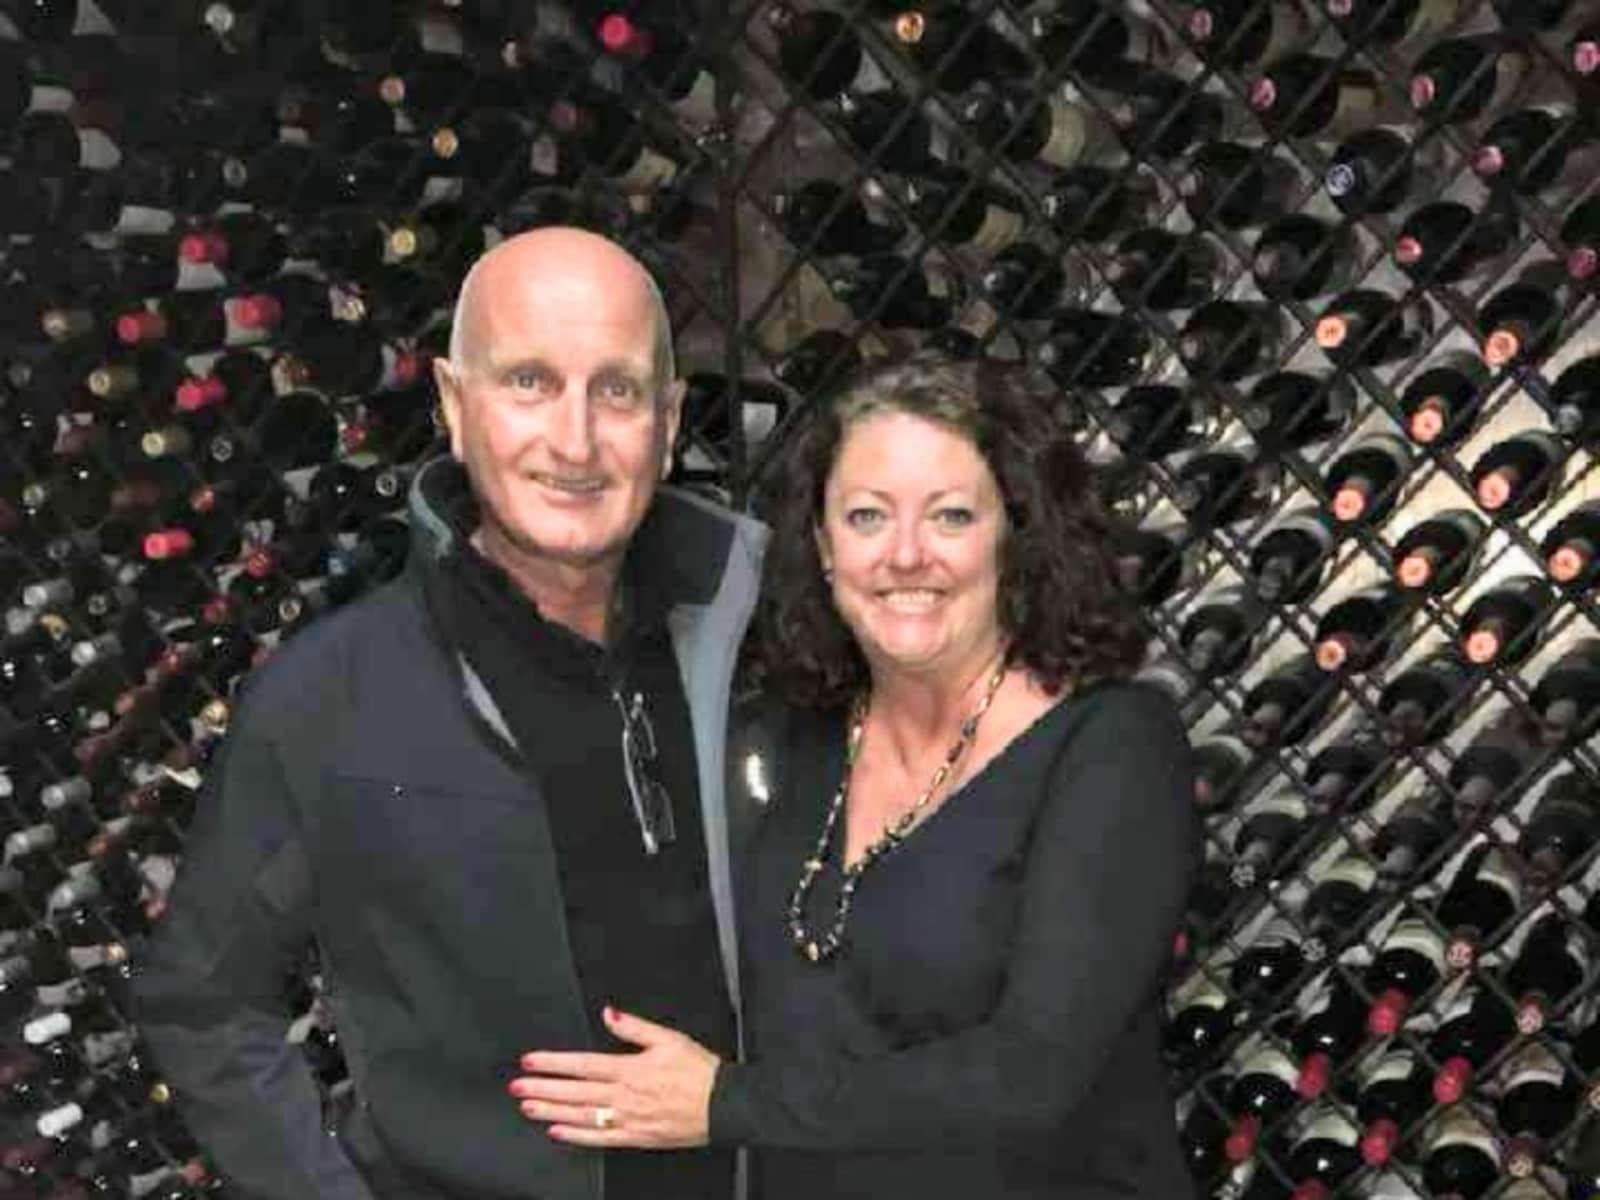 Quenton & Gillian from Puerto Rey, Spain